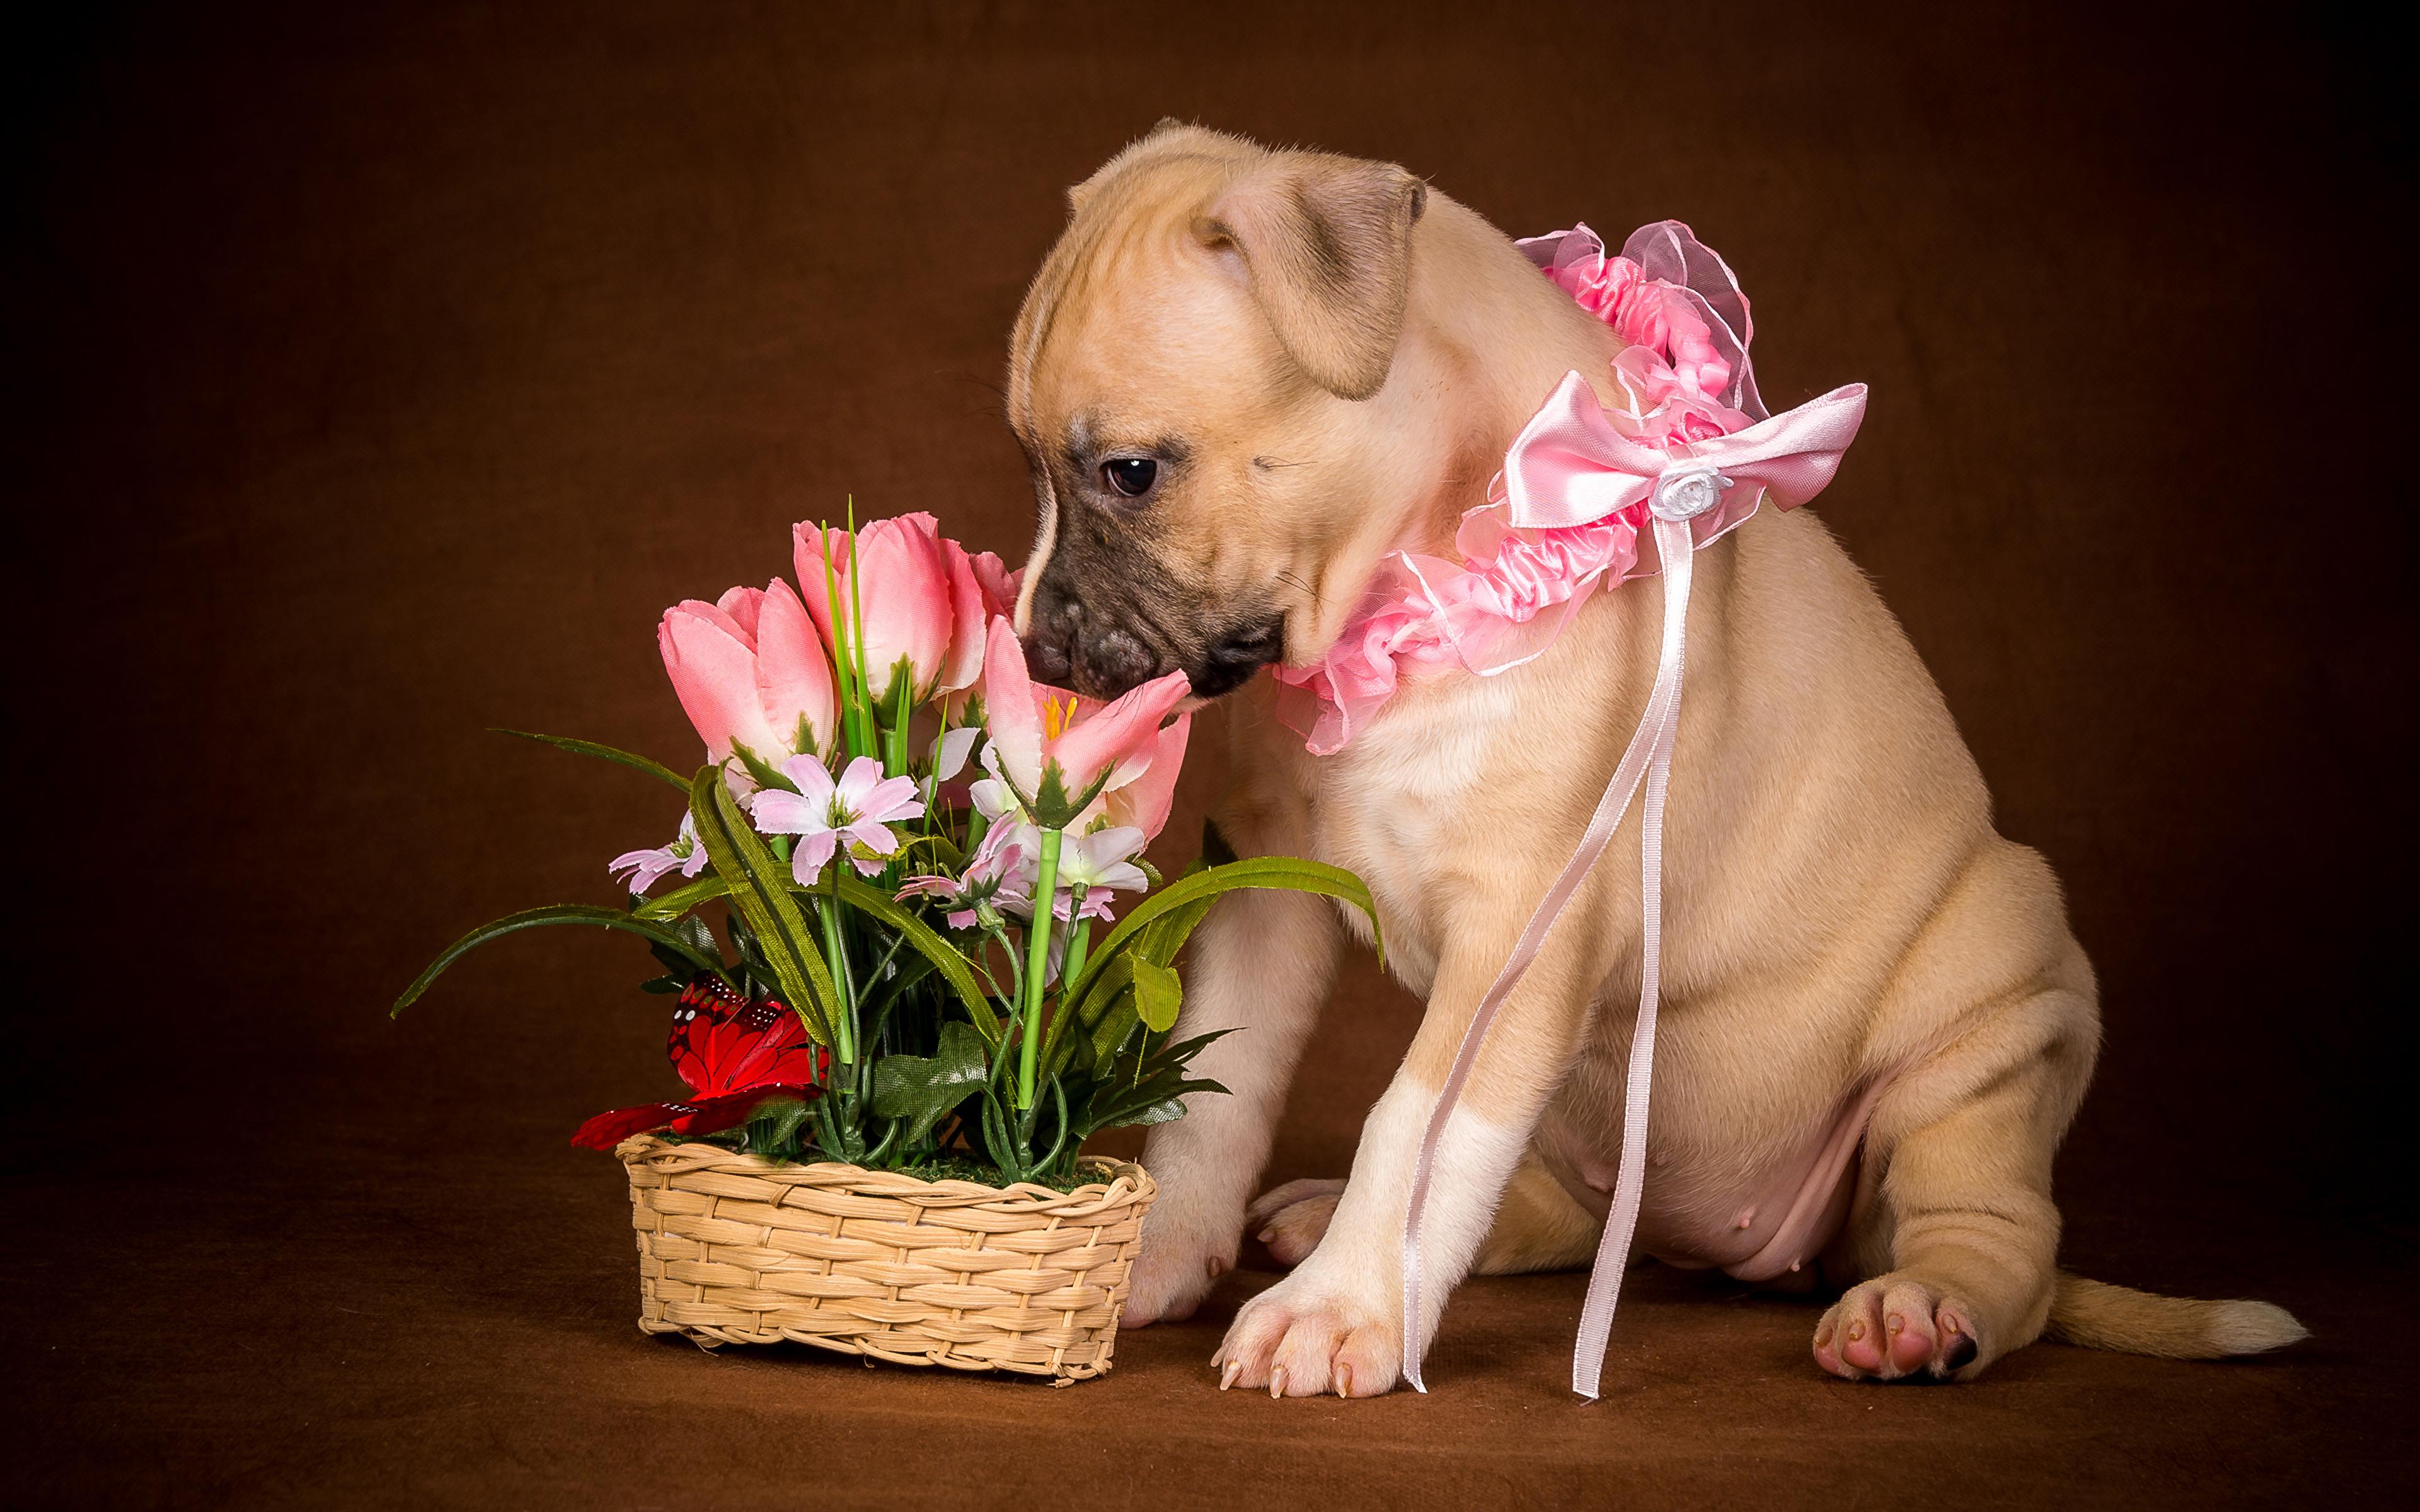 Картинка Щенок Собаки тюльпан бант животное 3840x2400 щенки щенка щенков собака Тюльпаны Бантик бантики Животные